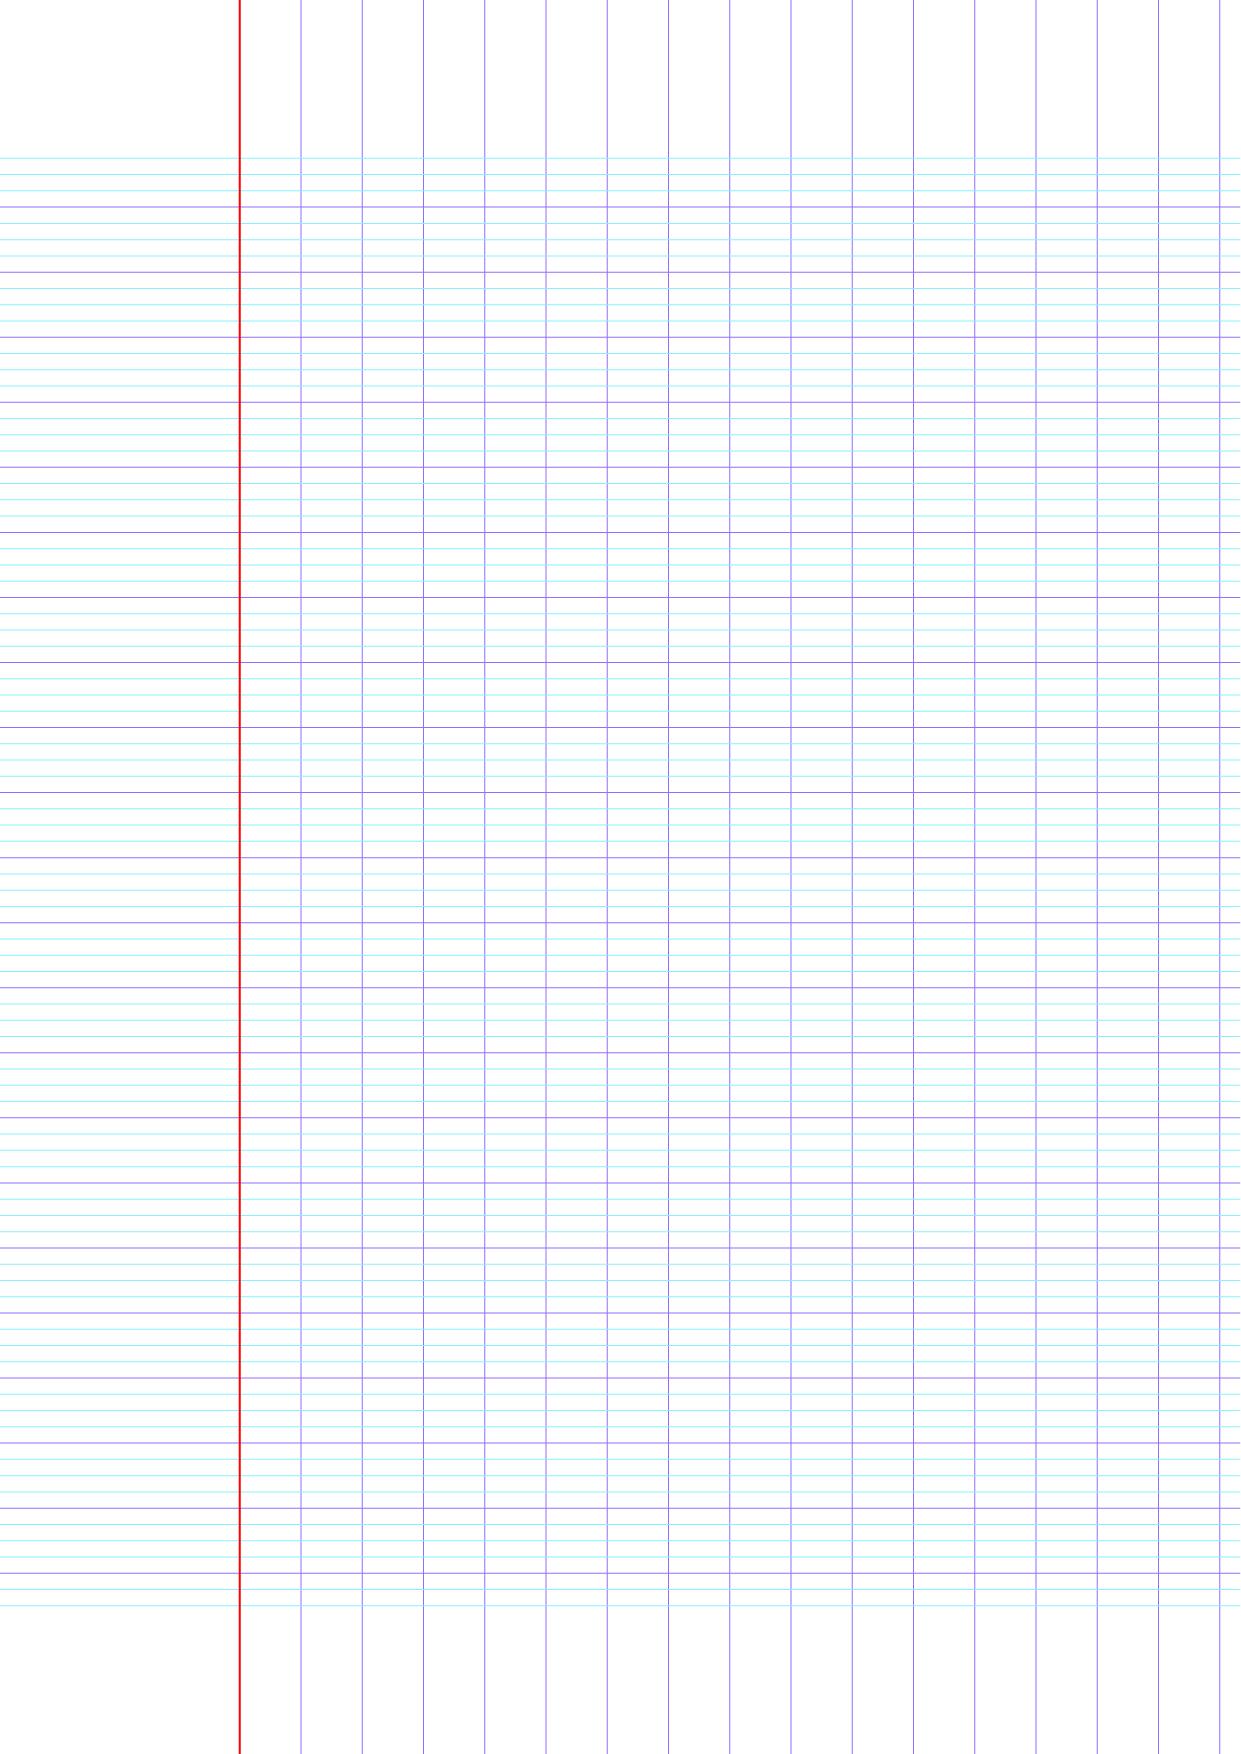 Feuille D'écriture Vierge À Imprimer   Exercices D'écriture avec Cahier D Écriture Cp À Imprimer